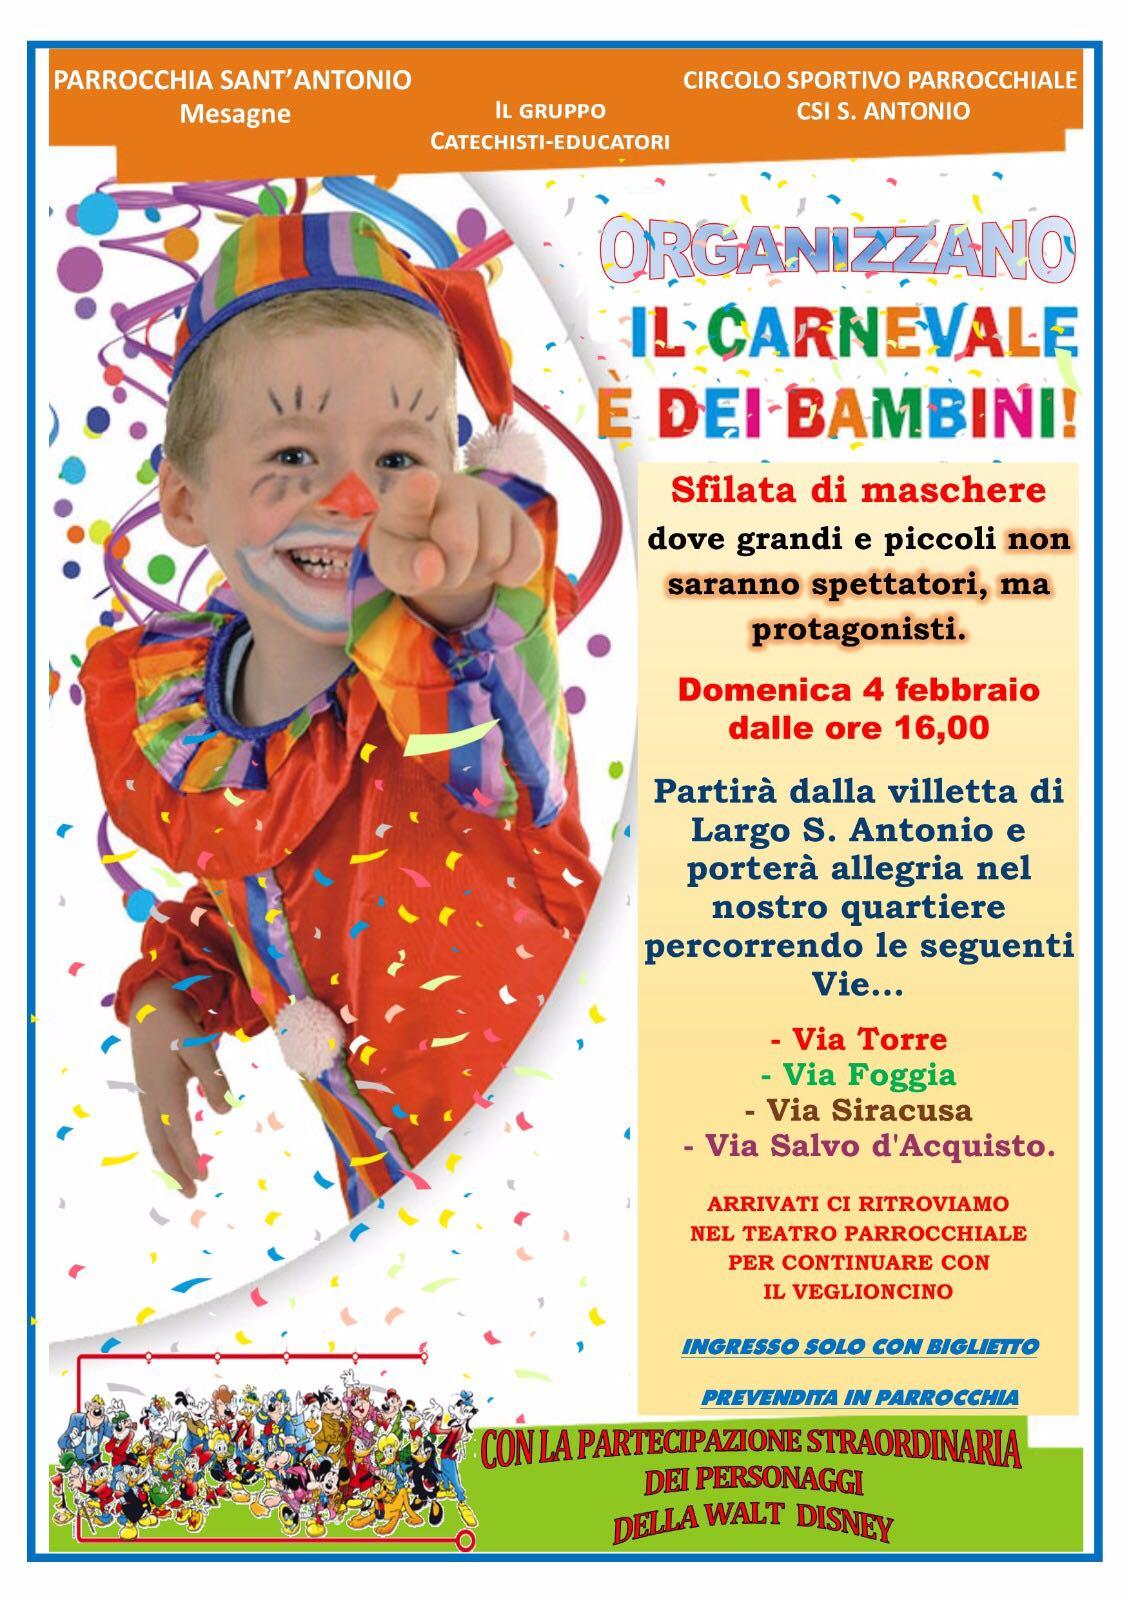 La Parrocchia di Sant'Antonio organizza sfilata in maschera e Carnevale dei Bambini